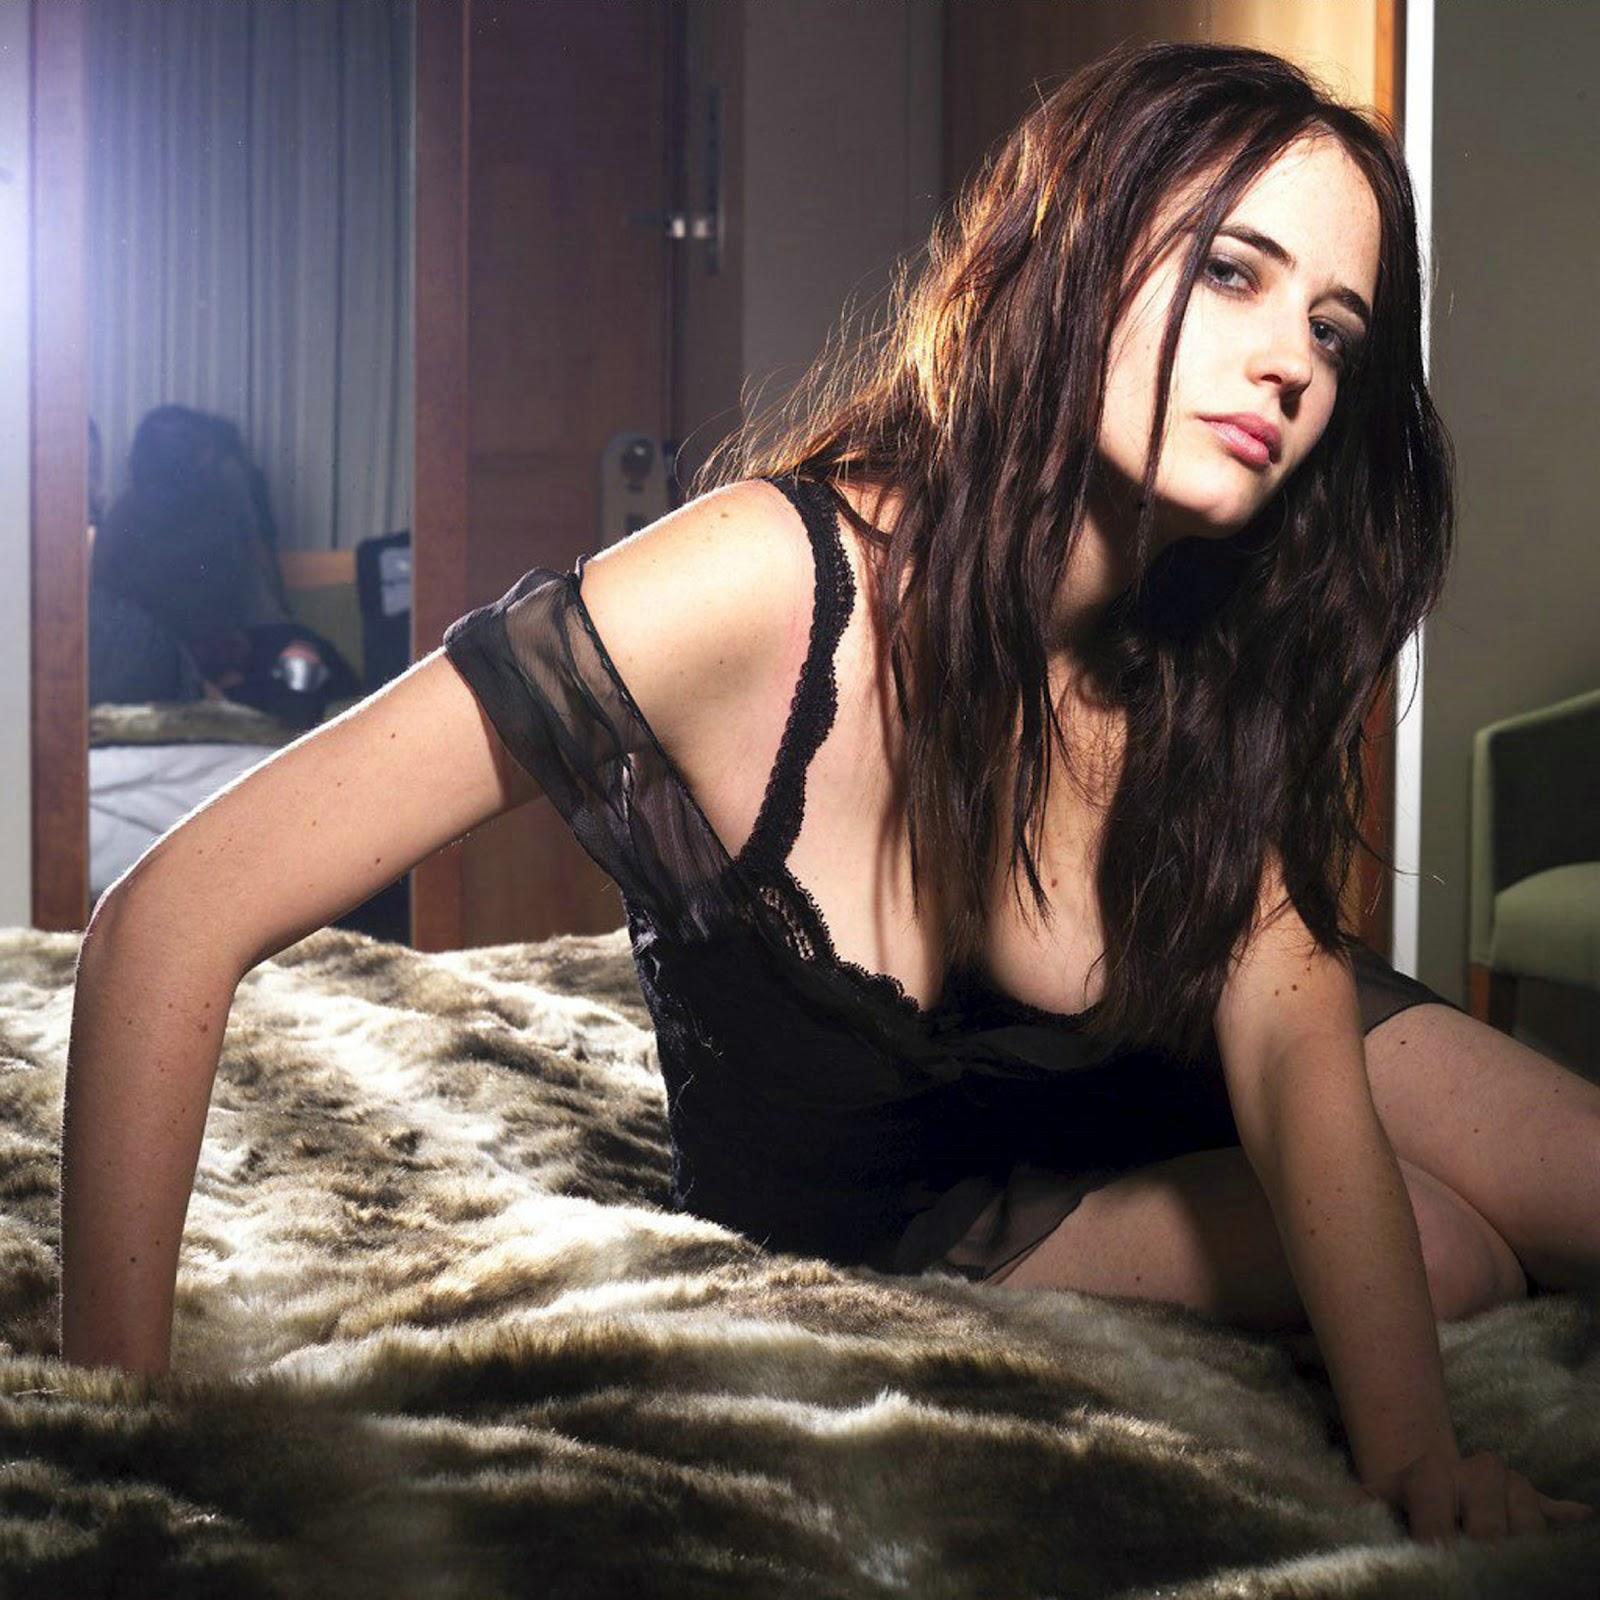 http://1.bp.blogspot.com/-5AFAhTqQSA4/T657Gokyv7I/AAAAAAAACgw/YsHp_sl2NJ4/s1600/EVA+GREEN+3.jpg